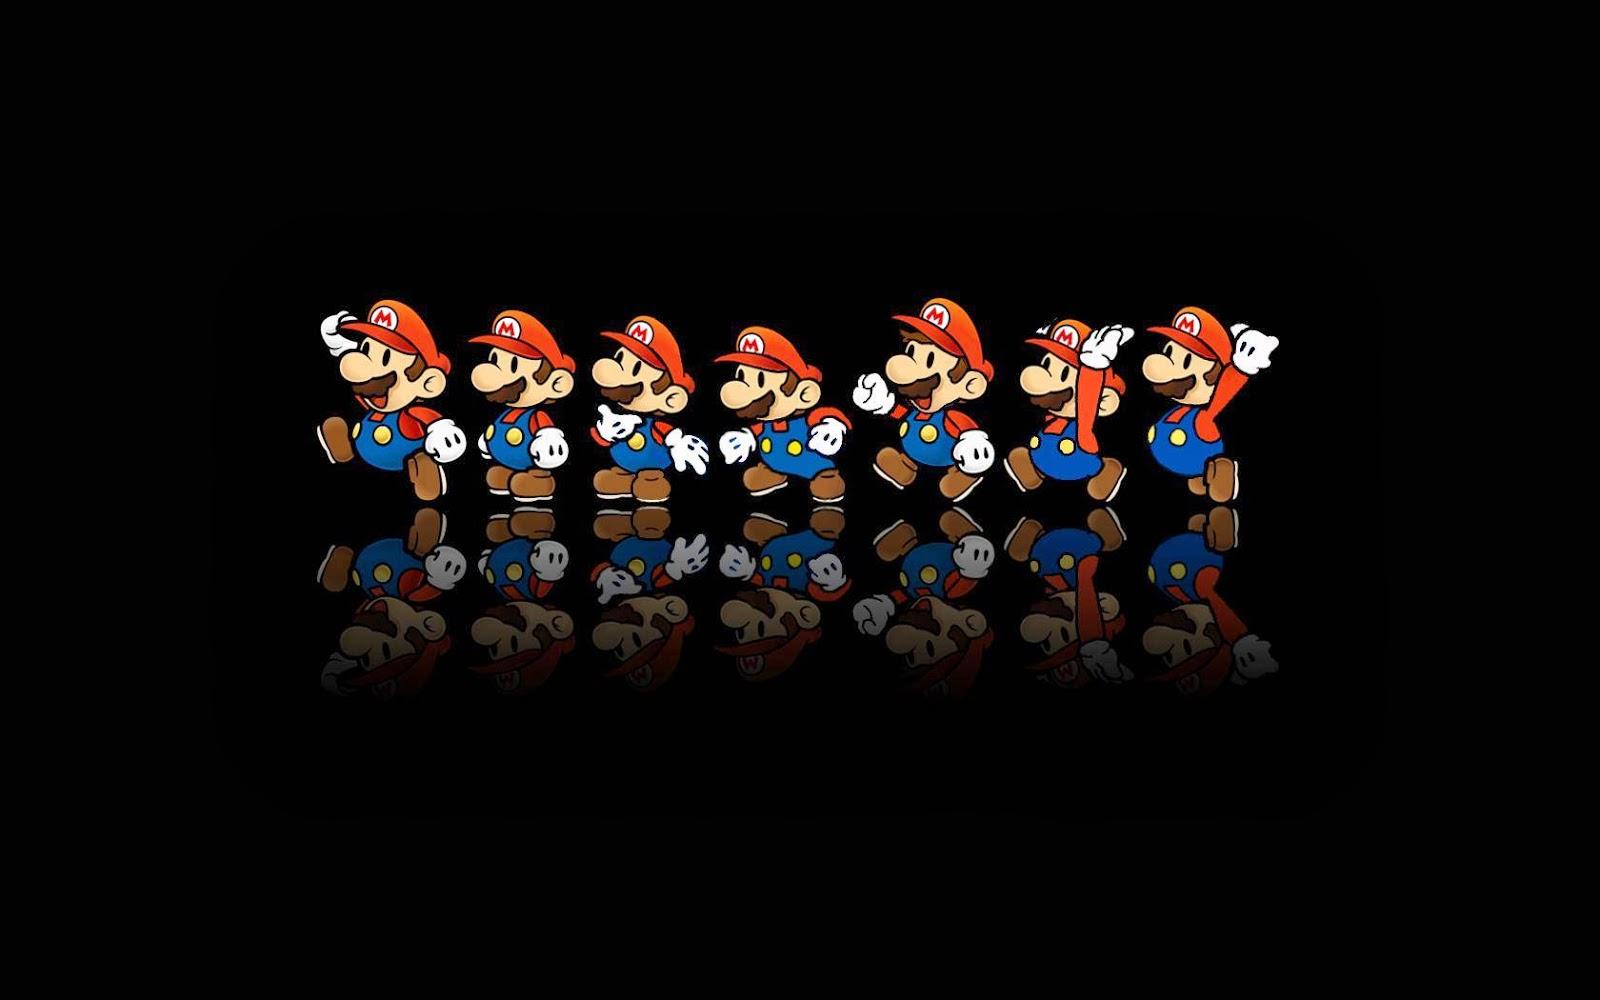 Fondo de Pantalla Abstracto Mario bros - imagenes